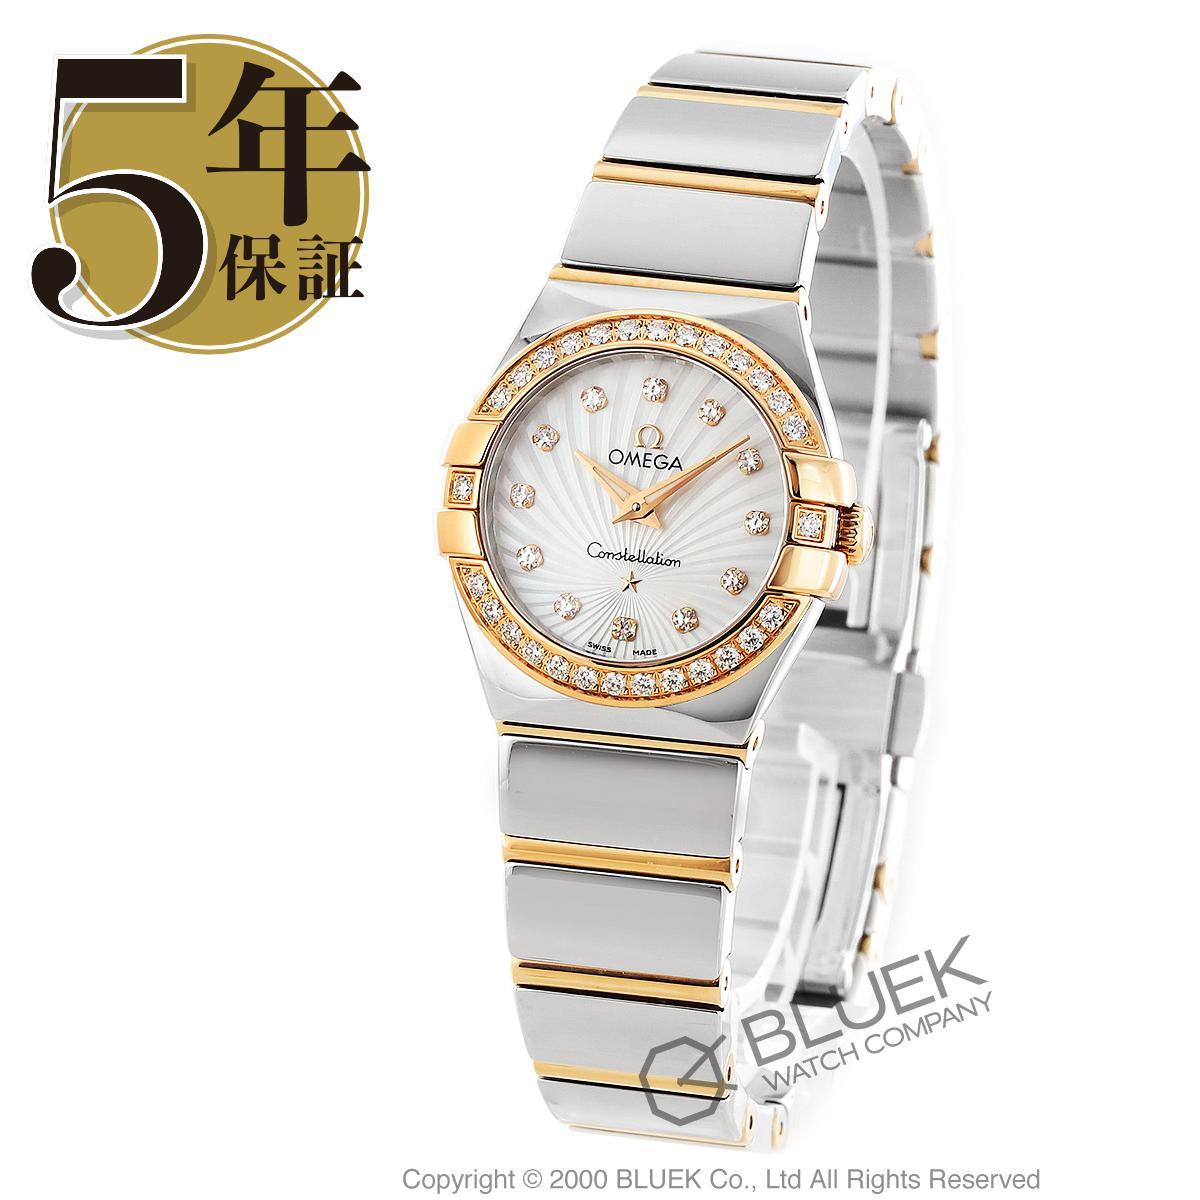 オメガ コンステレーション ポリッシュ ダイヤ 腕時計 レディース OMEGA 123.25.24.60.55.006_8